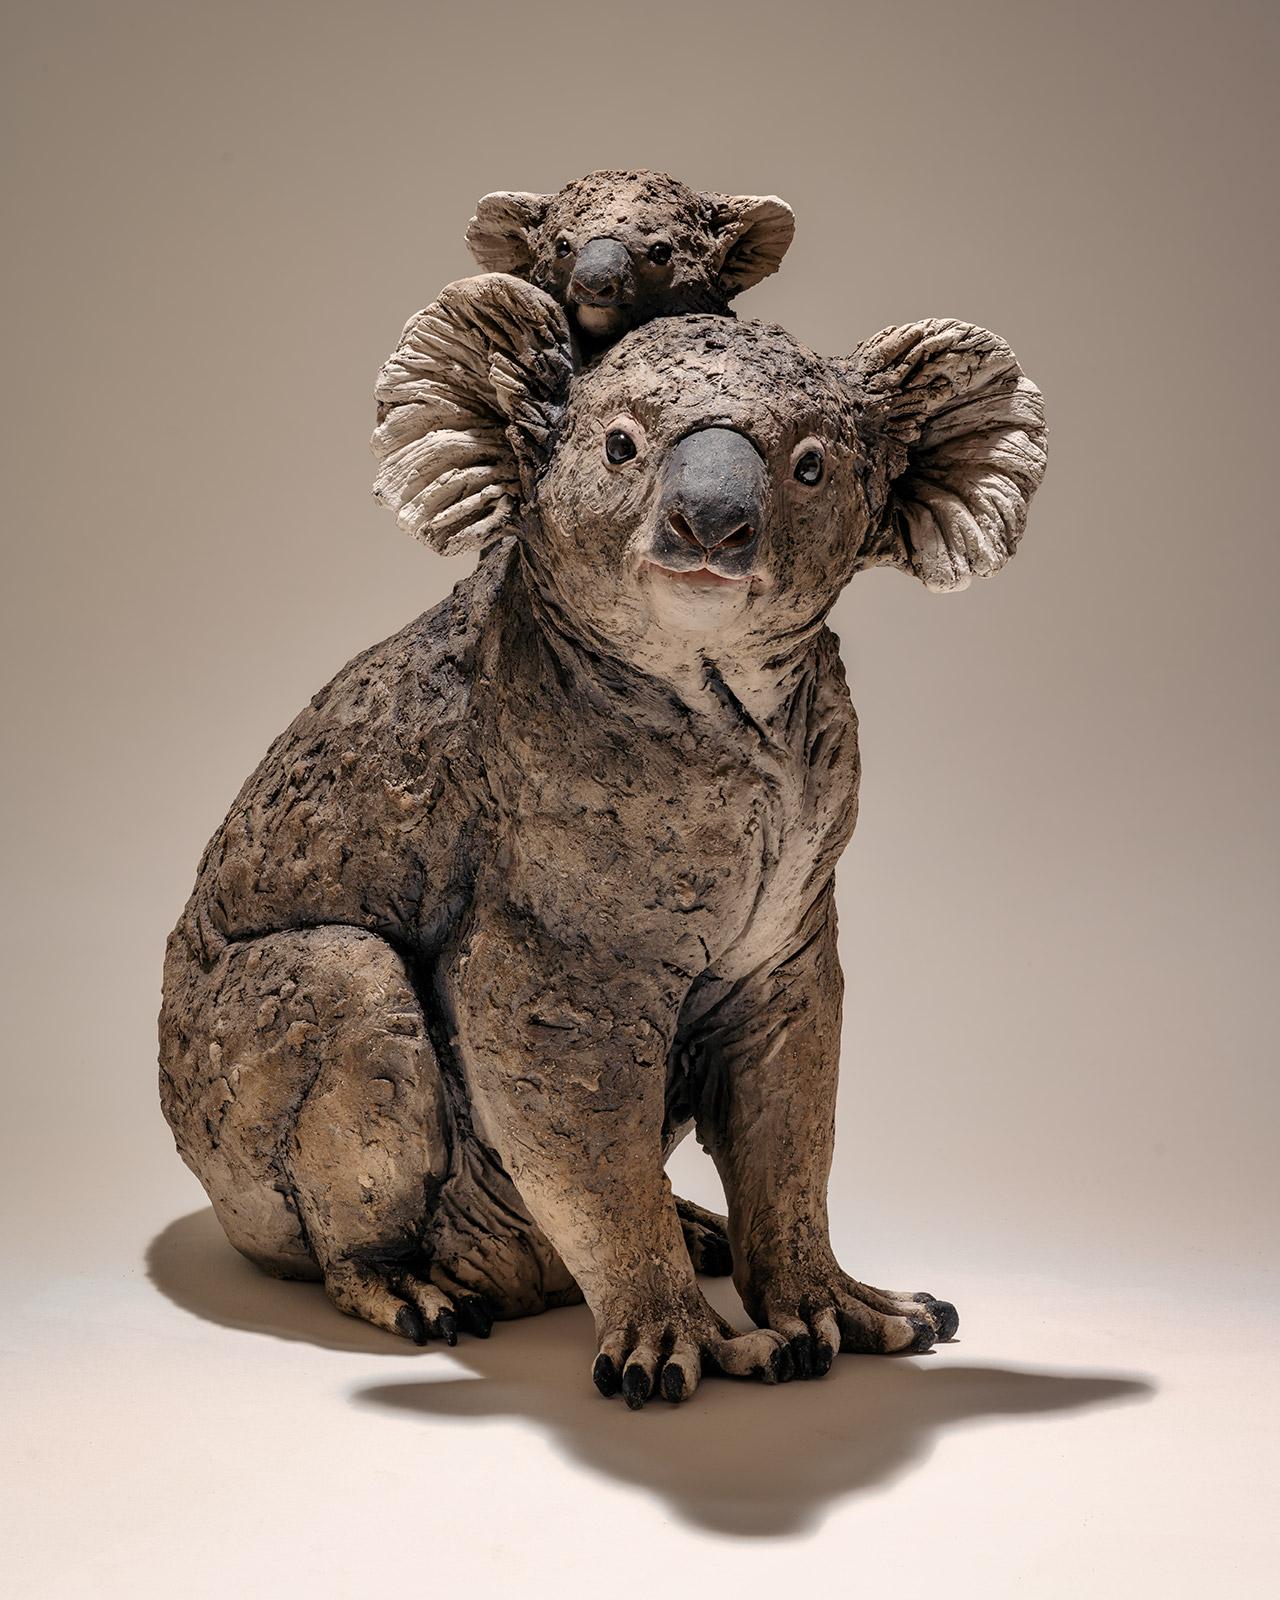 Win a Koala Sculpture